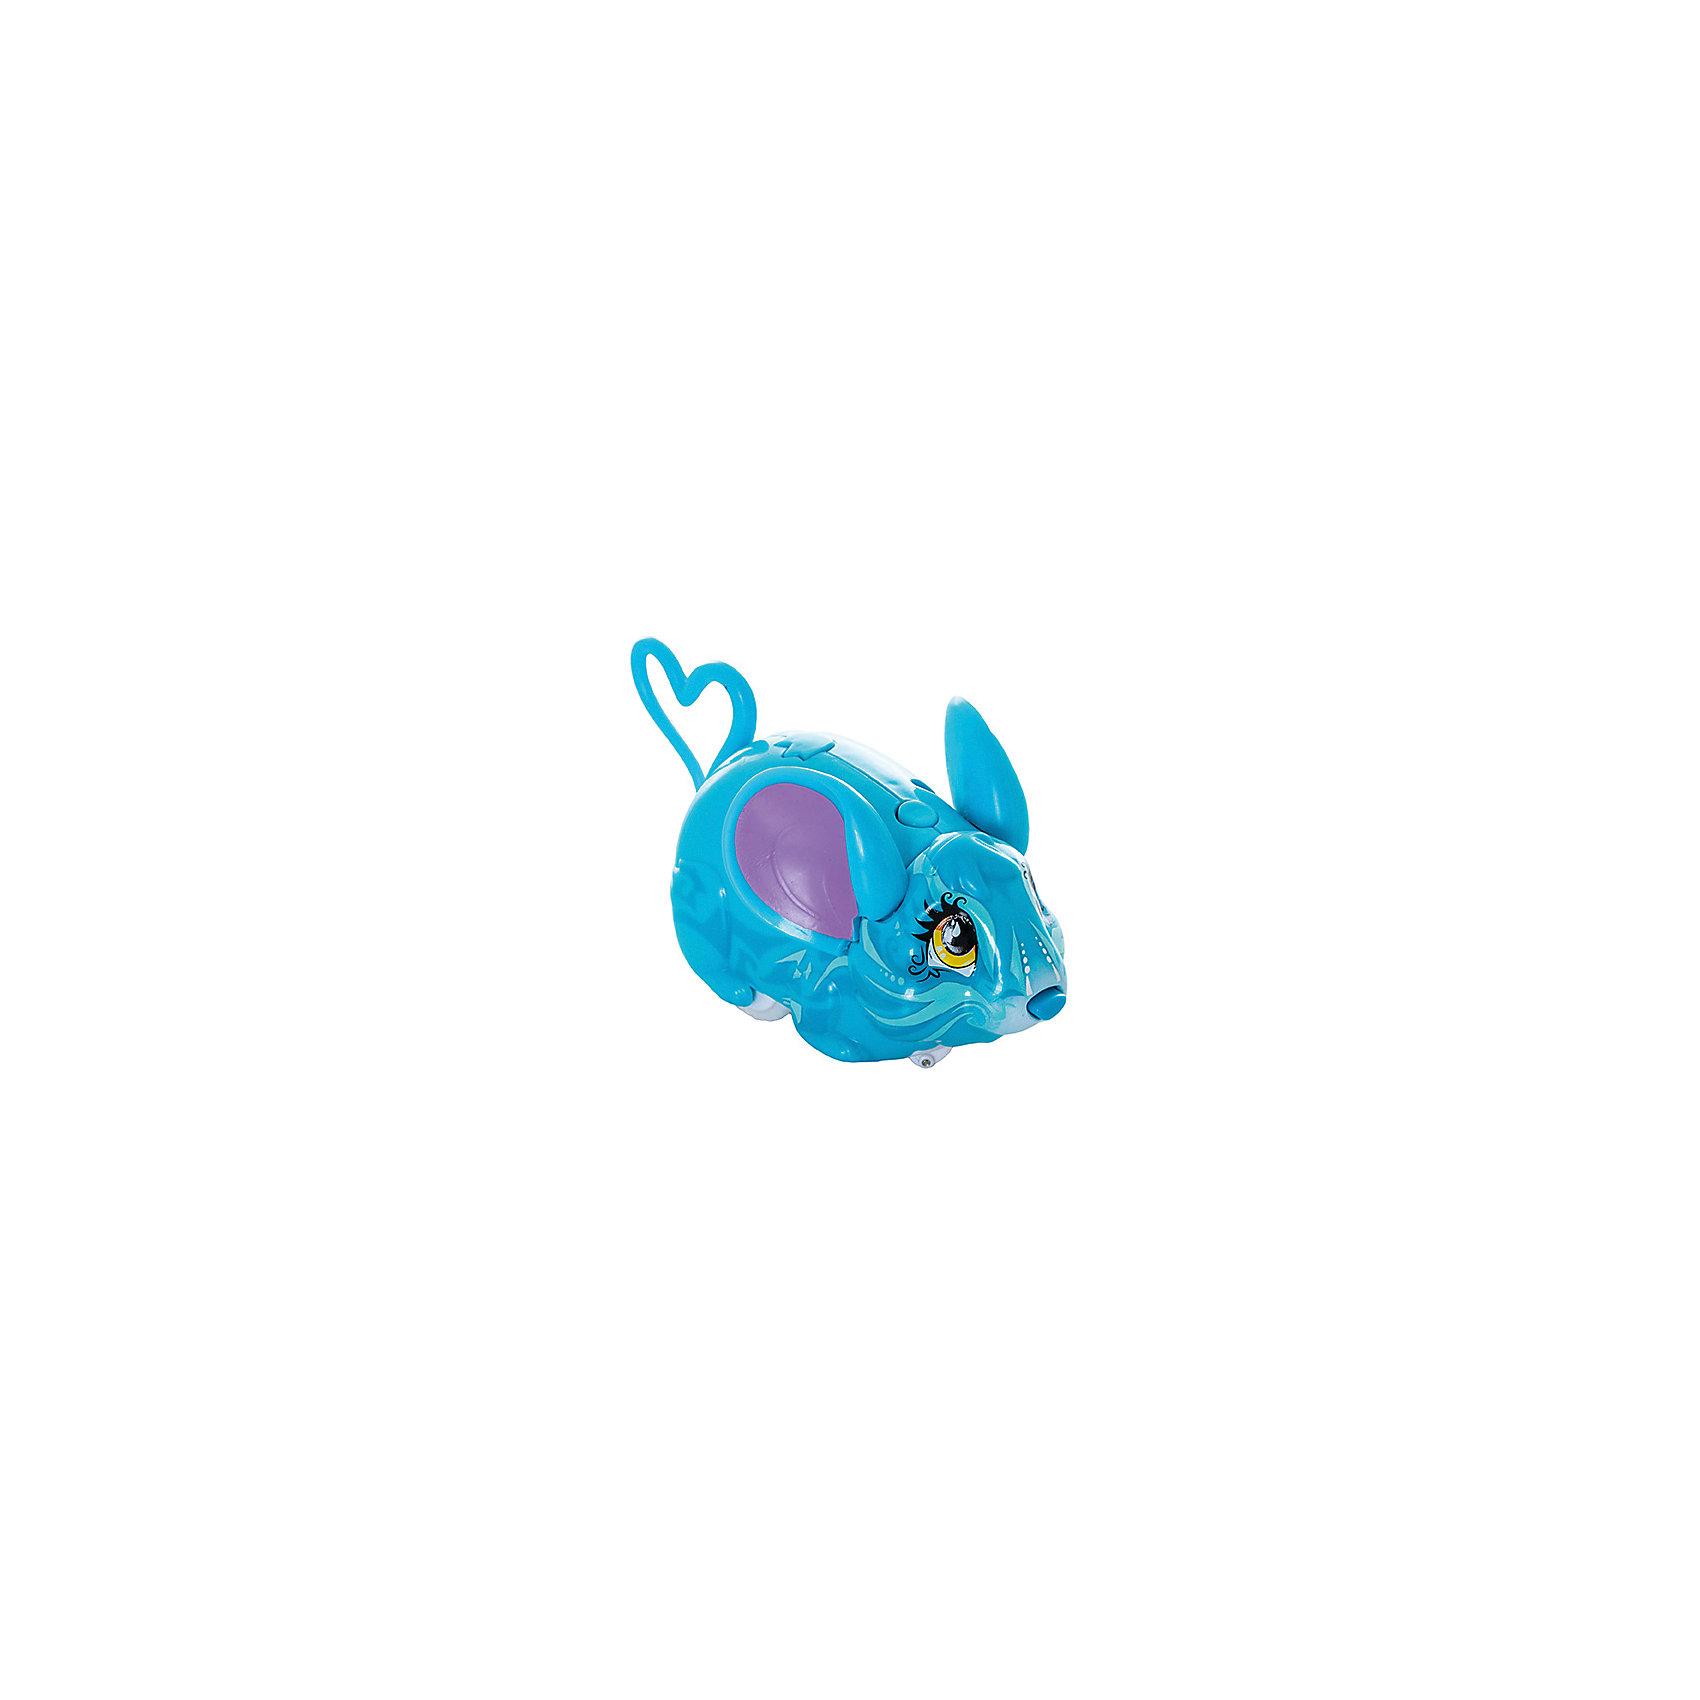 Мышка-циркач Андора, Amazing ZhusХарактеристики товара:<br><br>- цвет: голубой;<br>- материал: пластик;<br>- вес : 220 г;<br>- три режима работы;<br>- размер упаковки: 16 x 10 x 7 см;<br>- умеет издавать забавные звуки, изучать пространство.<br><br>Такая игрушка в виде симпатичной мышки поможет ребенку весело проводить время - она умеет издавать забавные звуки и активно изучать пространство, используя нос как радар. Это выглядит очень забавно! <br>Мышка способна помогать всестороннему развитию ребенка: развивать тактильное восприятие, мелкую моторику, воображение, внимание и логику. Изделие произведено из качественных материалов, безопасных для ребенка. Набор станет отличным подарком детям!<br><br>Игрушку Мышка-циркач Андора от бренда Amazing Zhus можно купить в нашем интернет-магазине.<br><br>Ширина мм: 160<br>Глубина мм: 130<br>Высота мм: 70<br>Вес г: 220<br>Возраст от месяцев: 36<br>Возраст до месяцев: 2147483647<br>Пол: Женский<br>Возраст: Детский<br>SKU: 5124481